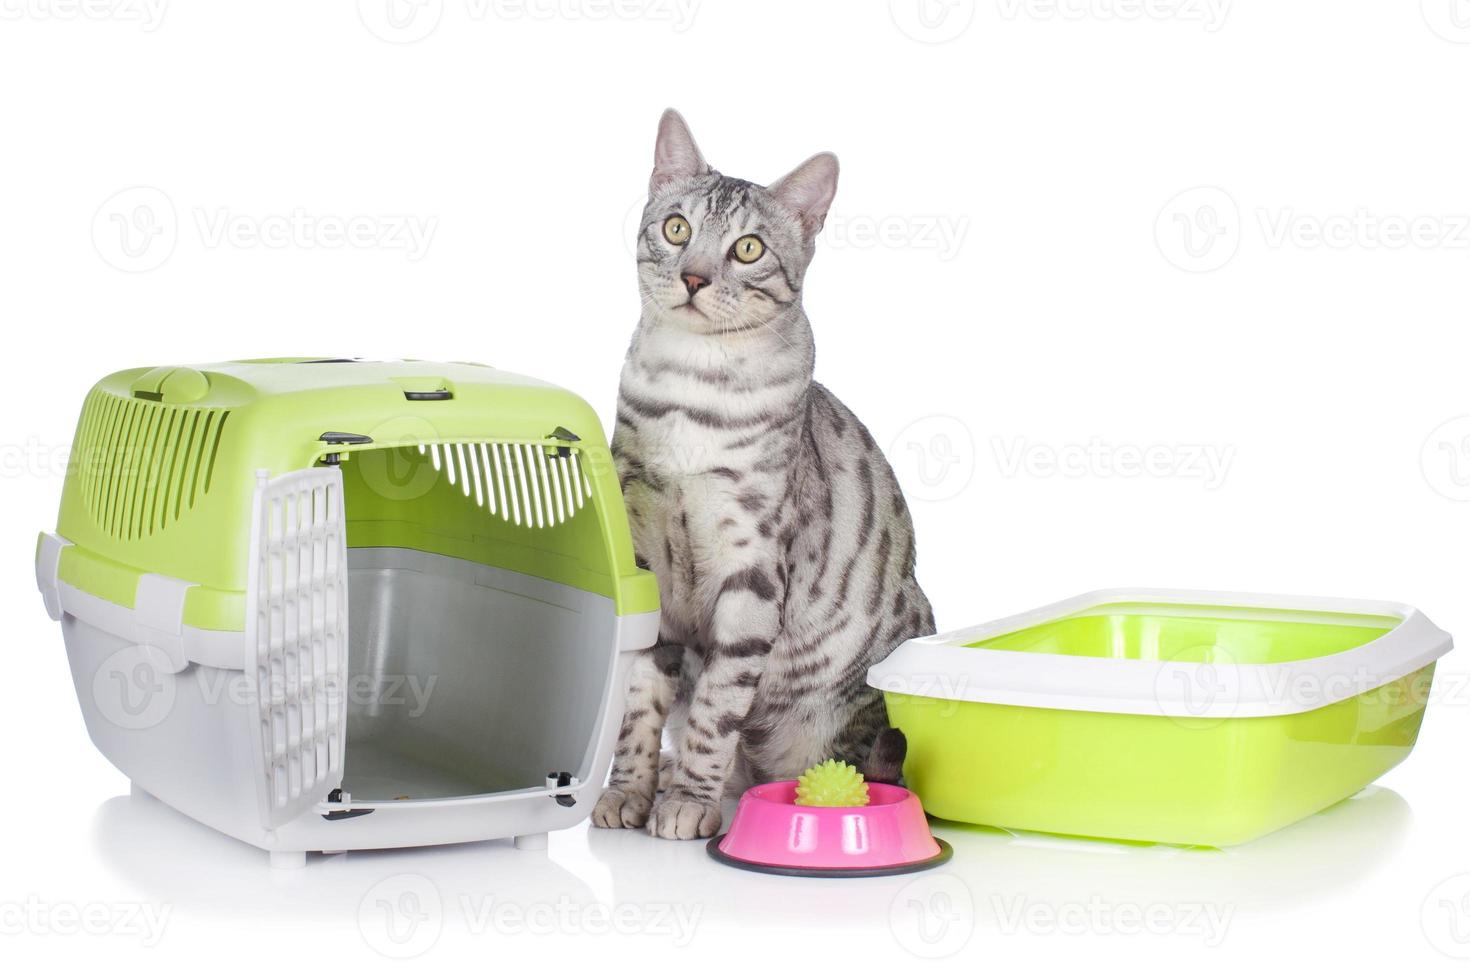 Bengalkatze mit grundlegendem Katzenmaterial foto